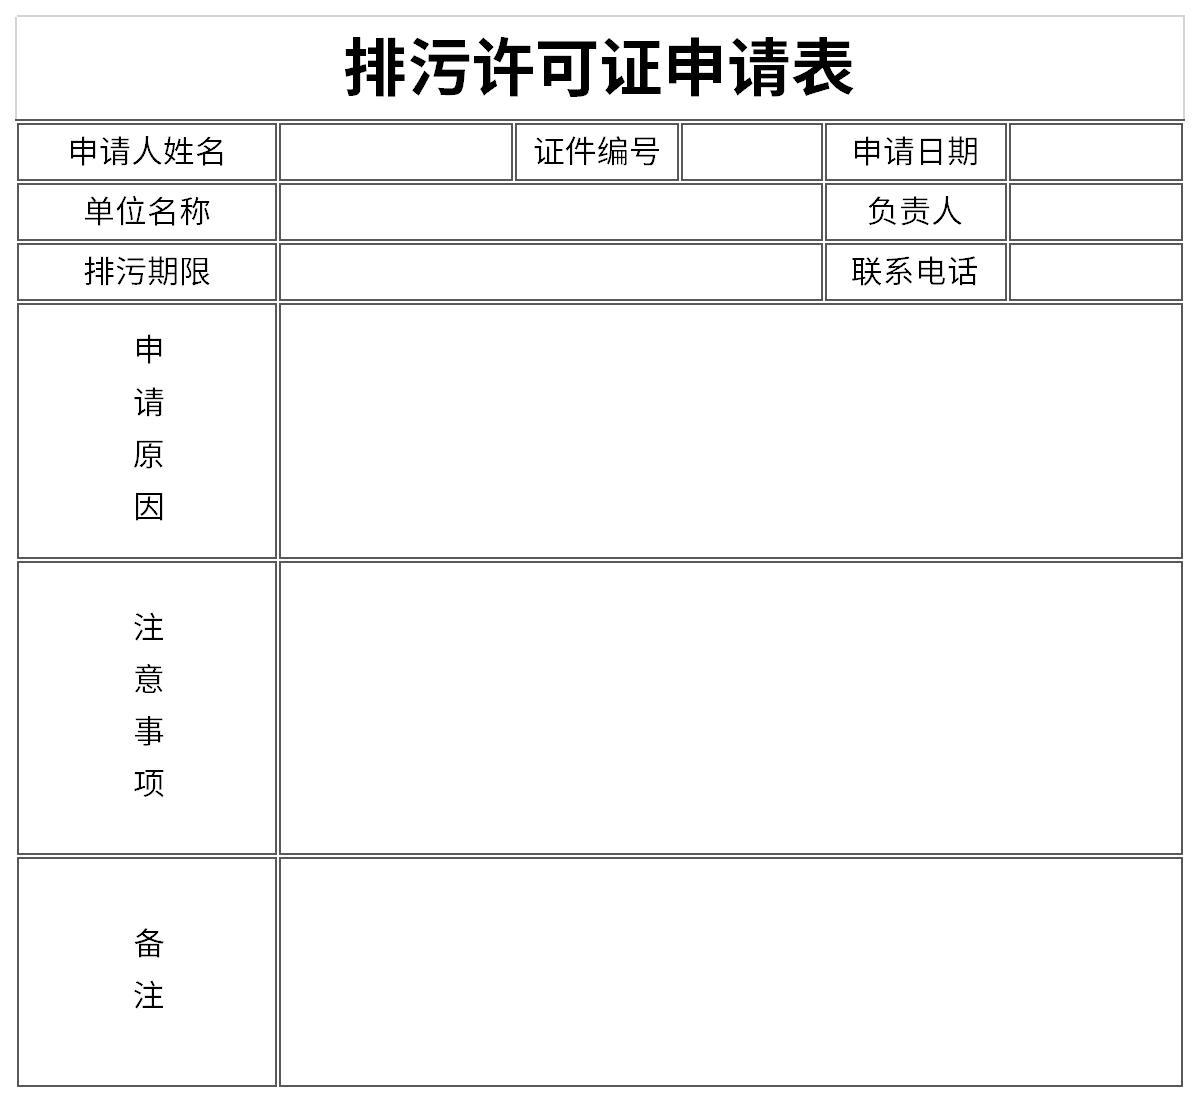 排污许可证申请表截图